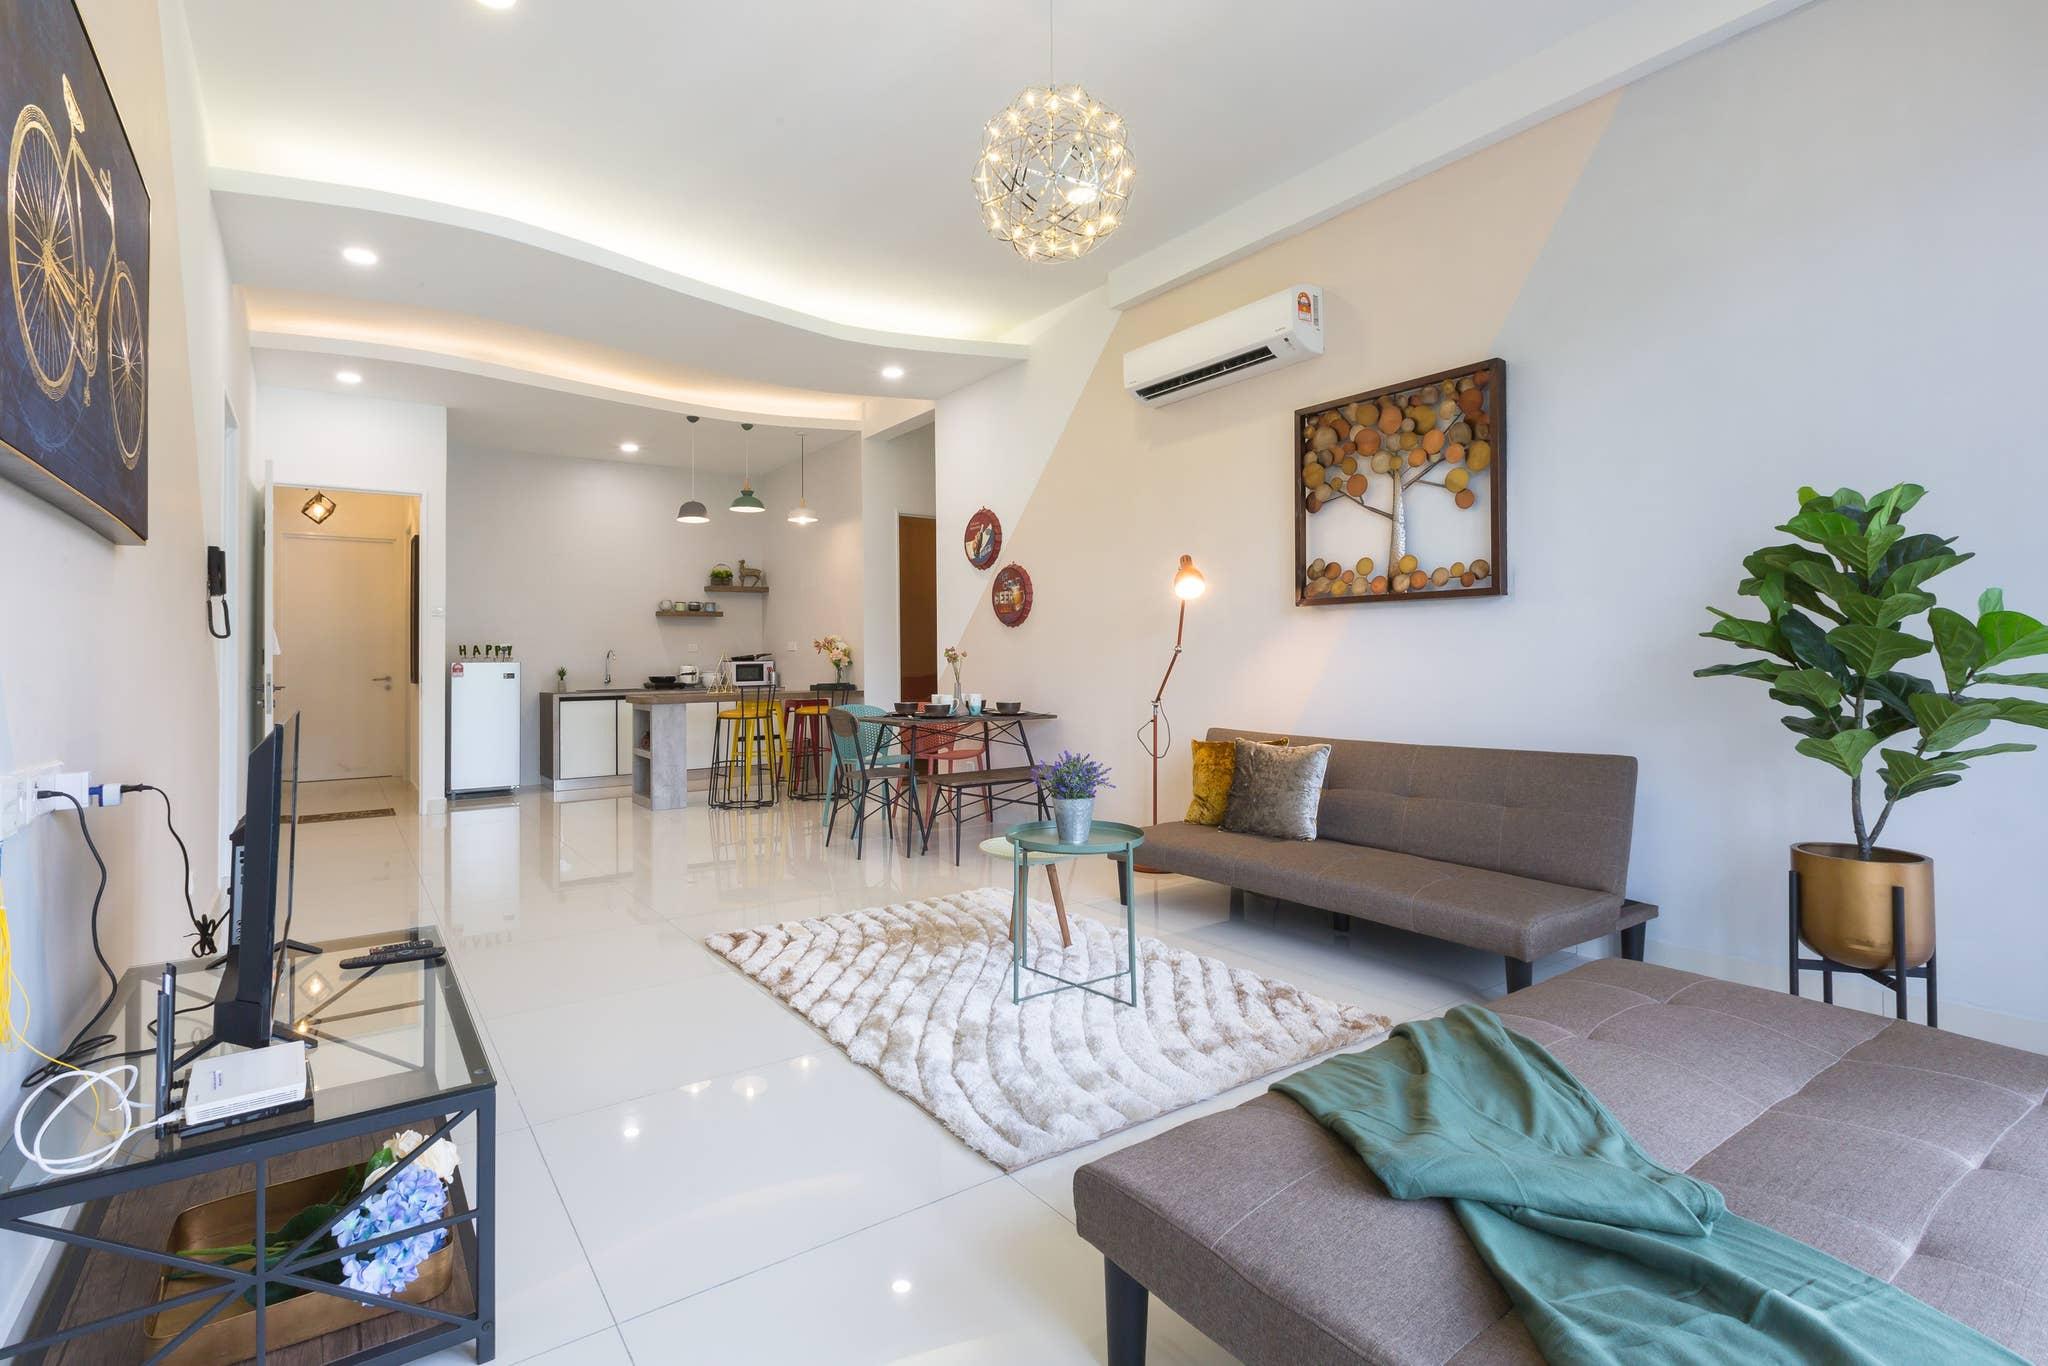 Arte S Designer Big Balcony Apartamento de lujo con balcon grande Internet ilimitado de alta velocidad 2